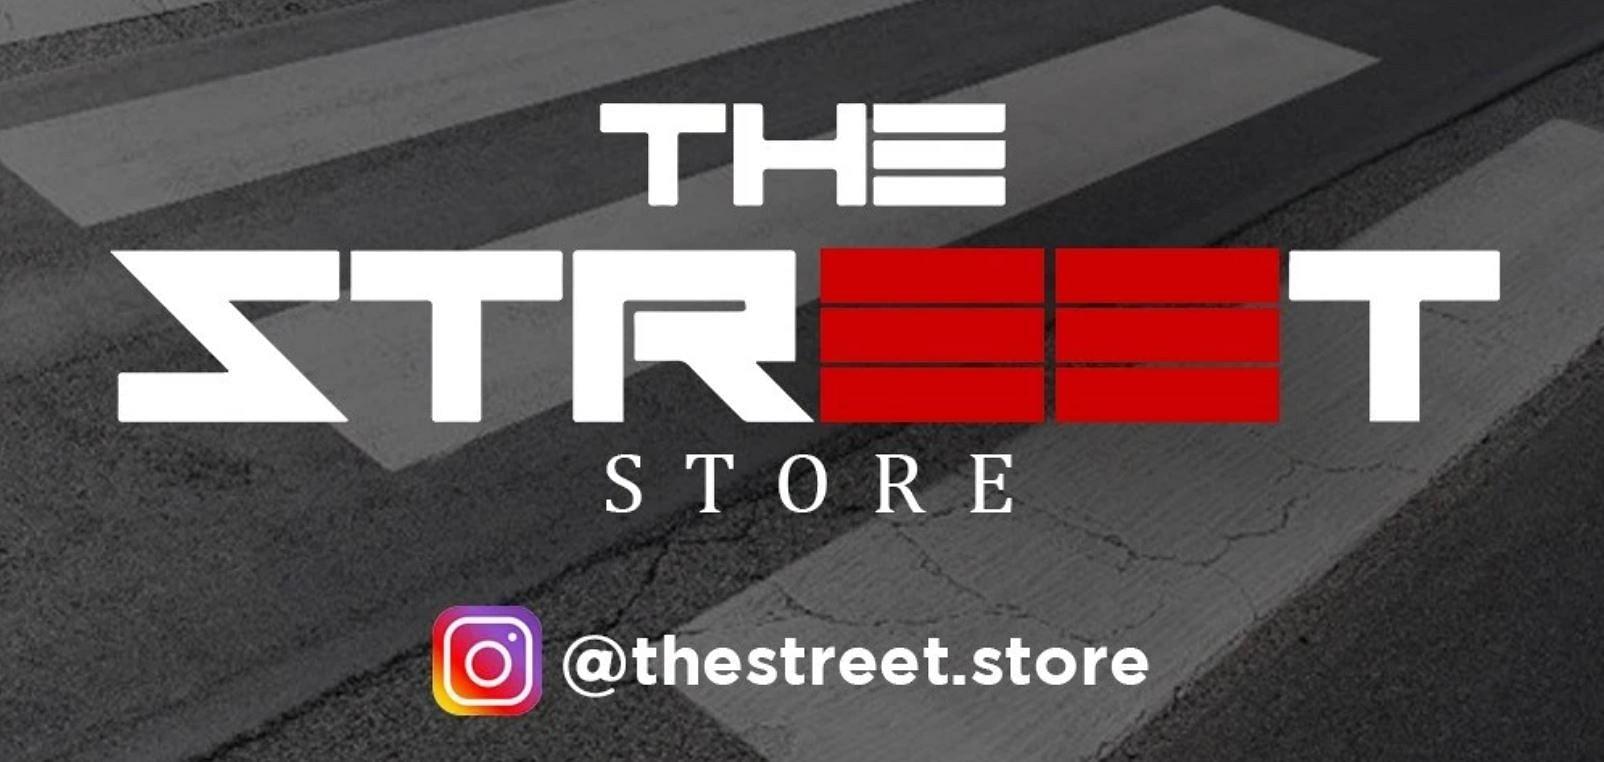 THE STREET STORE - LOCARNO